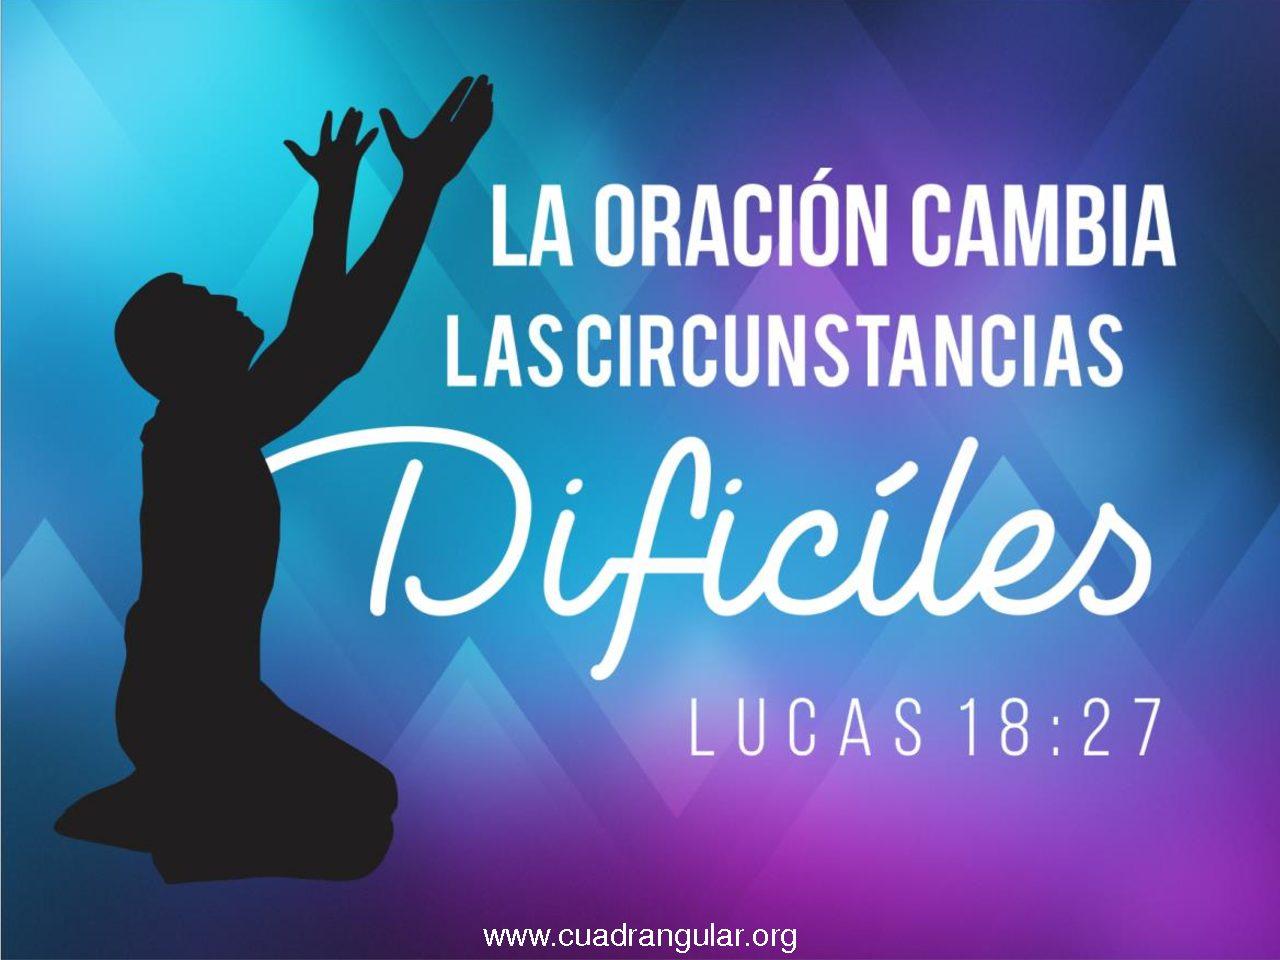 La oración cambia las circunstancias